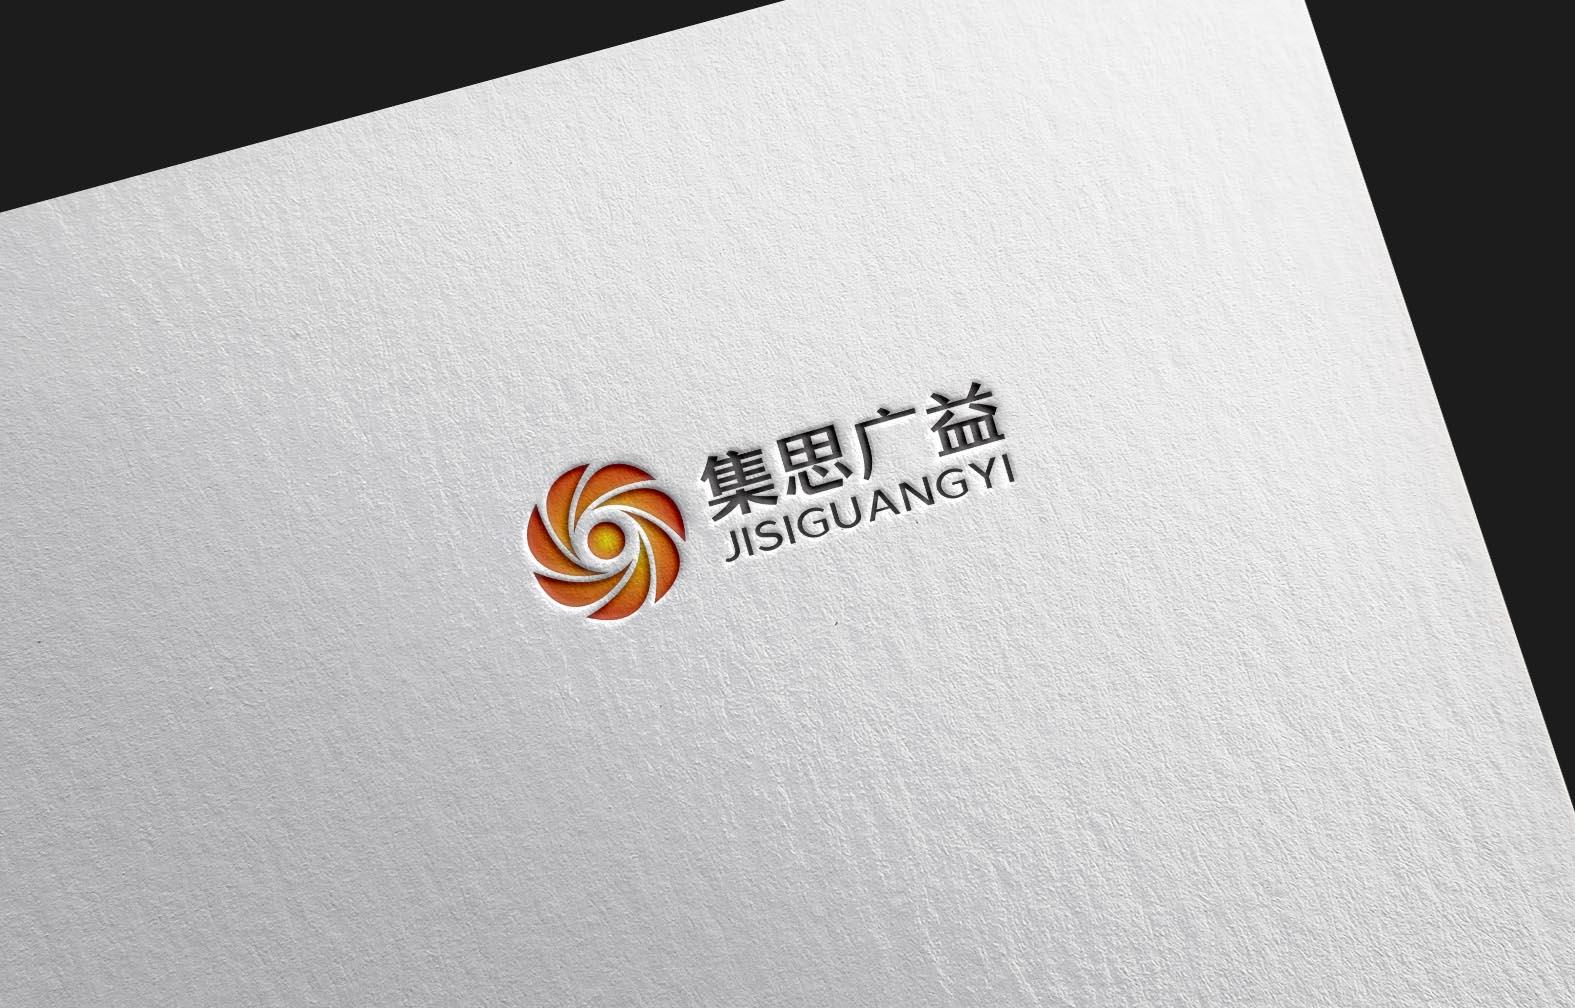 集思广益 logo 征集_2966223_k68威客网